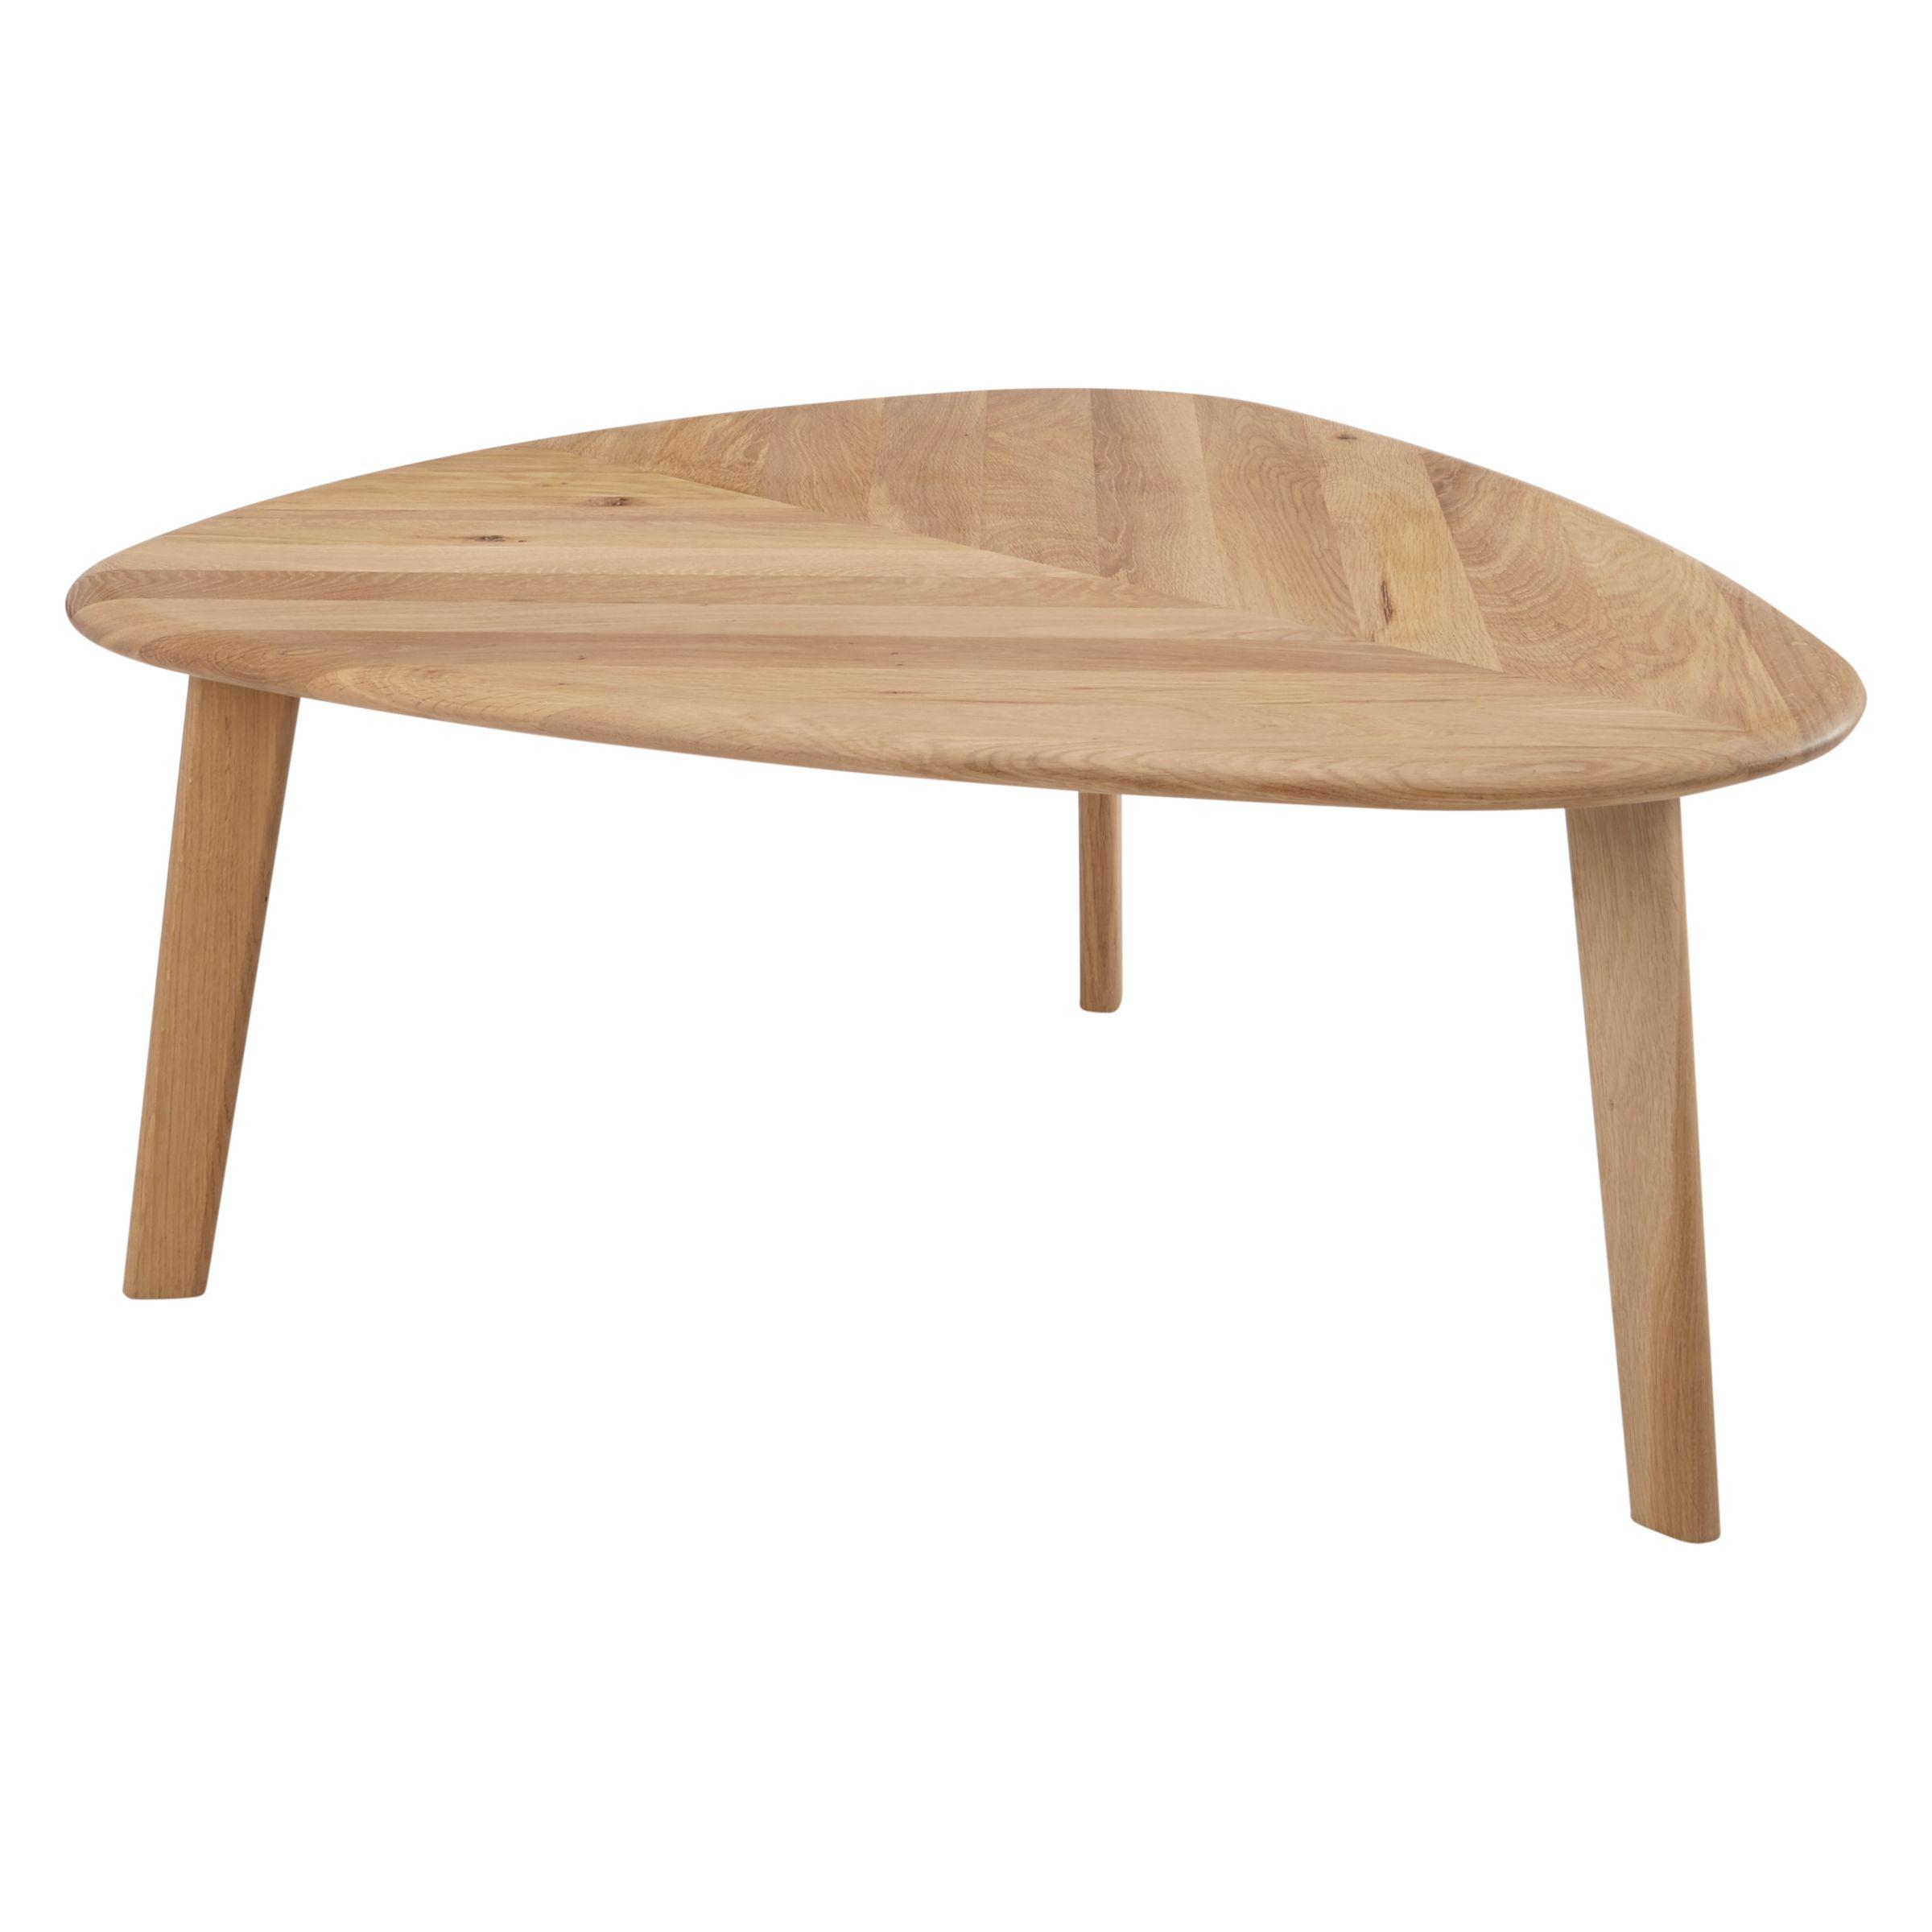 Ebbe Gehl for John Lewis Ebbe Gehl for John Lewis Mira Leaf Table, Large